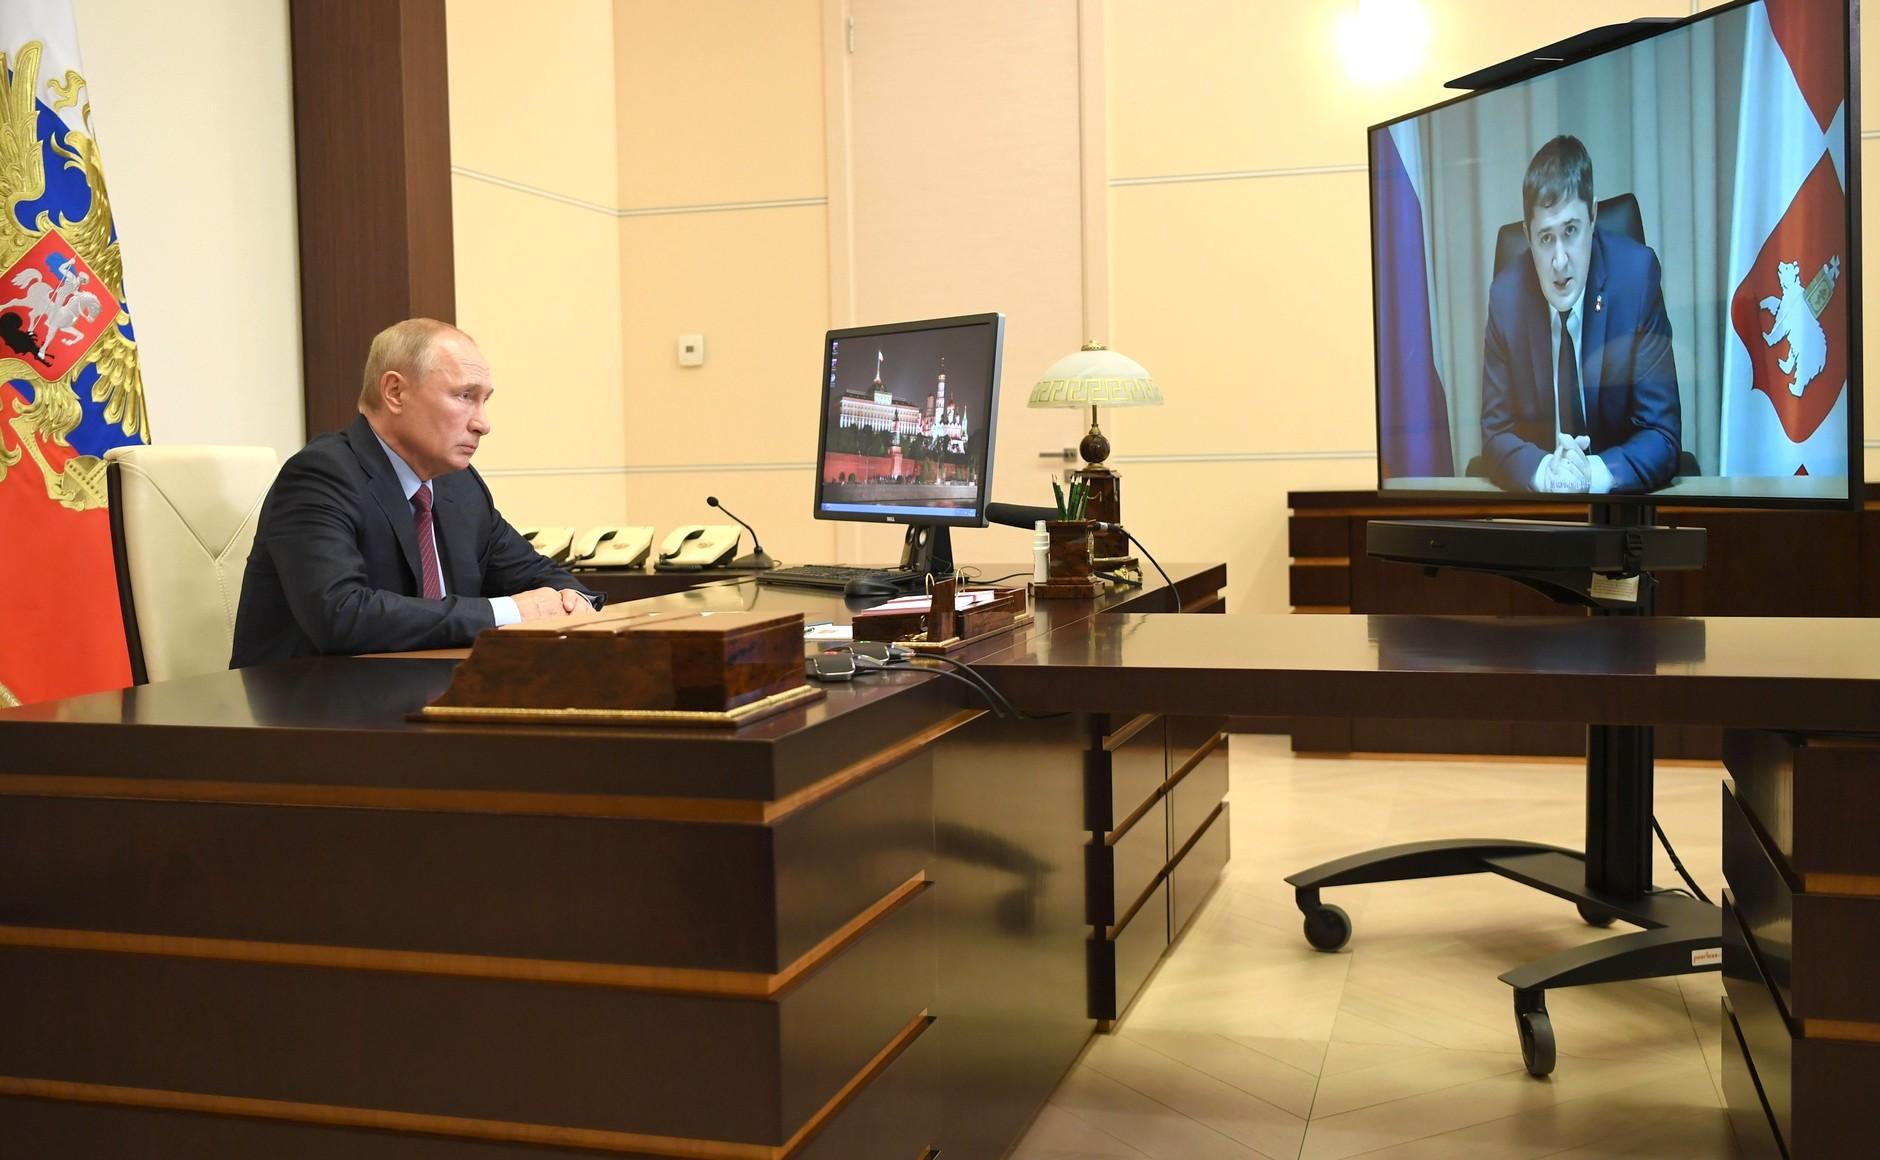 kremlin PH 1 X 2 DU 17.08.2020 Réunion de travail avec le gouverneur par intérim du territoire de Perm Dmitry Makhonin (par vidéoconférence). JkwQ3dJOLu42rZFhggRZaoidAZhfqEdZ